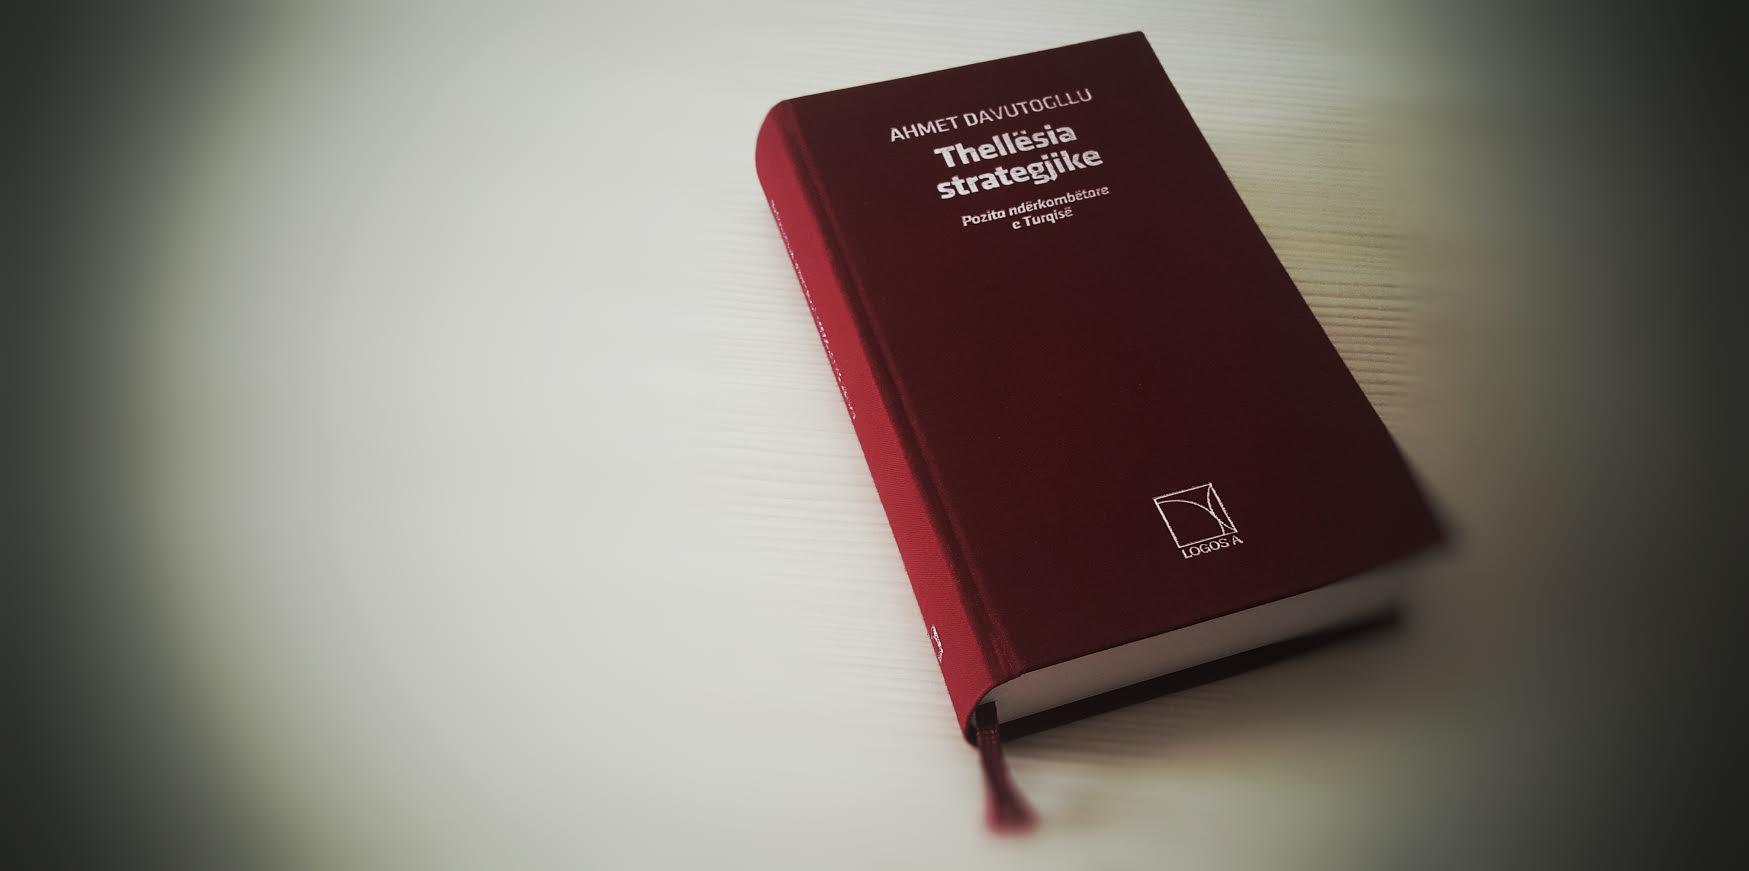 """Libri i Ahmet Davutogllu """"Thellësia Strategjike – pozita ndërkombëtare e Turqisë"""" (publikuar më 2001 dhe përkthyer në shqip nga LOGOS-A më 2010)"""